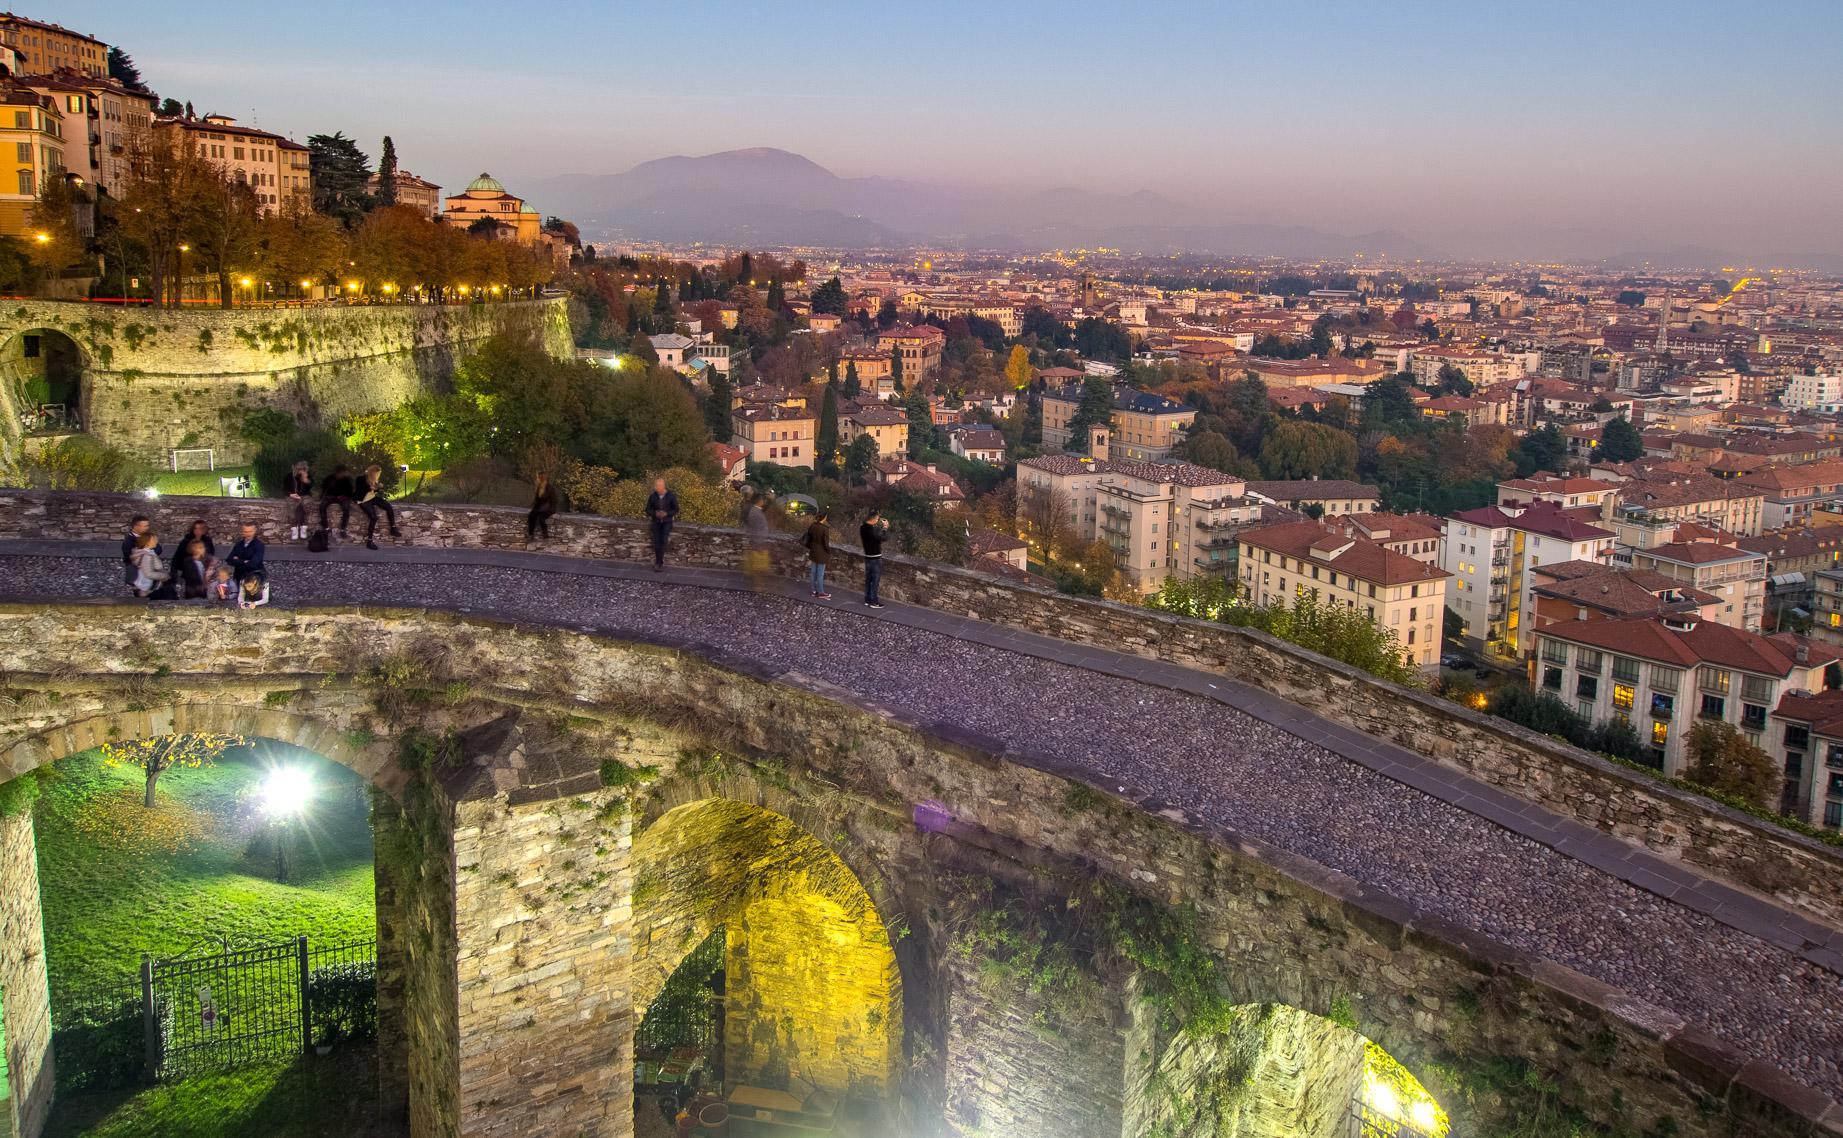 Citta alta de noche foto panoramica provincia di bergamo for Mercatini bergamo e provincia oggi